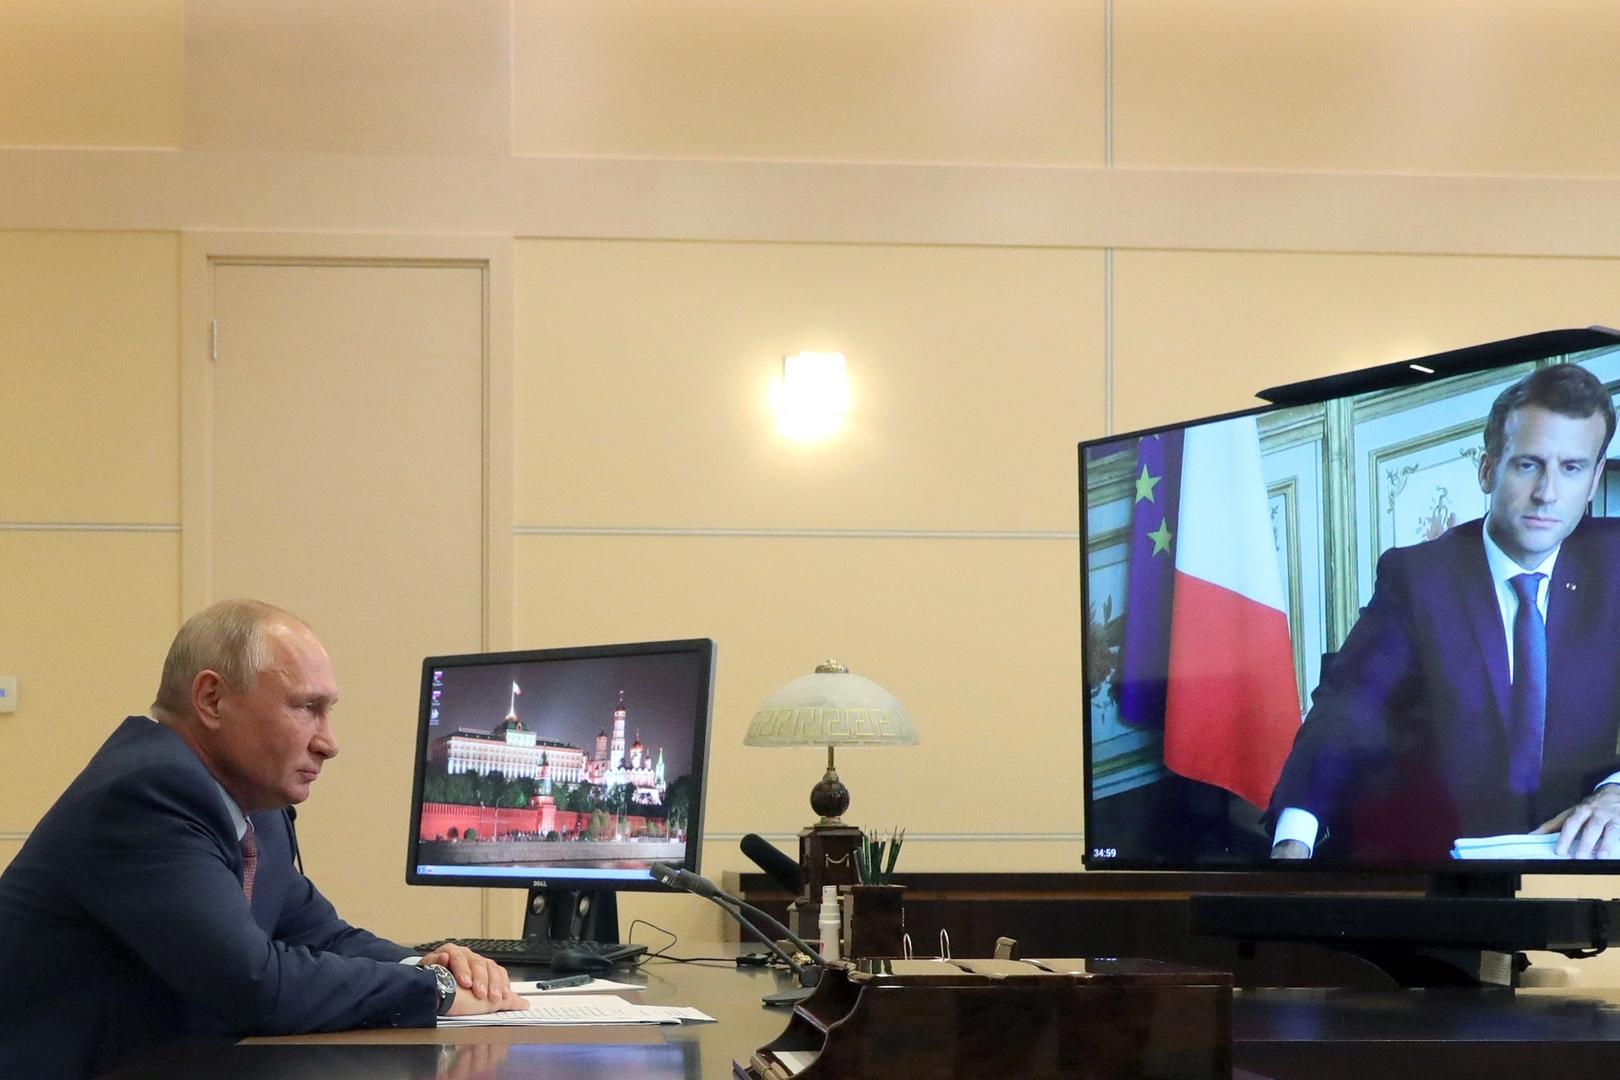 بوتين لماكرون في مستهل اجتماع افتراضي: سنبحث ليبيا وأعرف أنها تقلقك